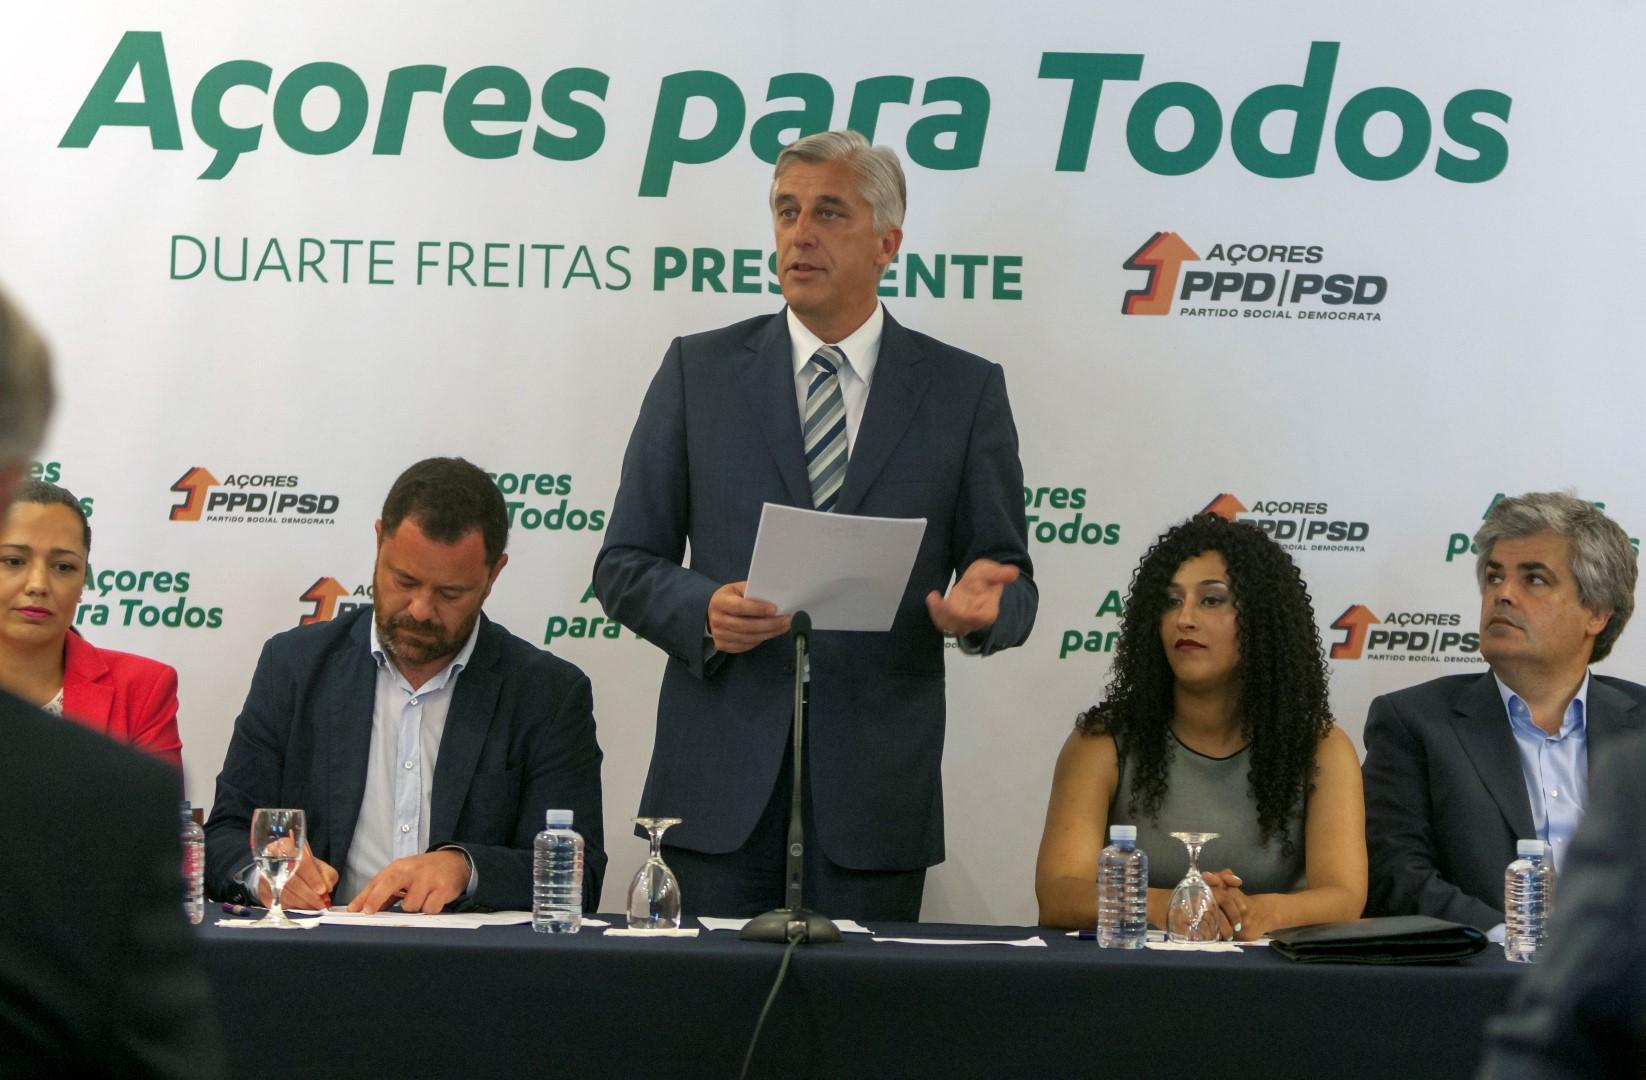 Duarte Freitas quer captar mais investimento privado para os Açores